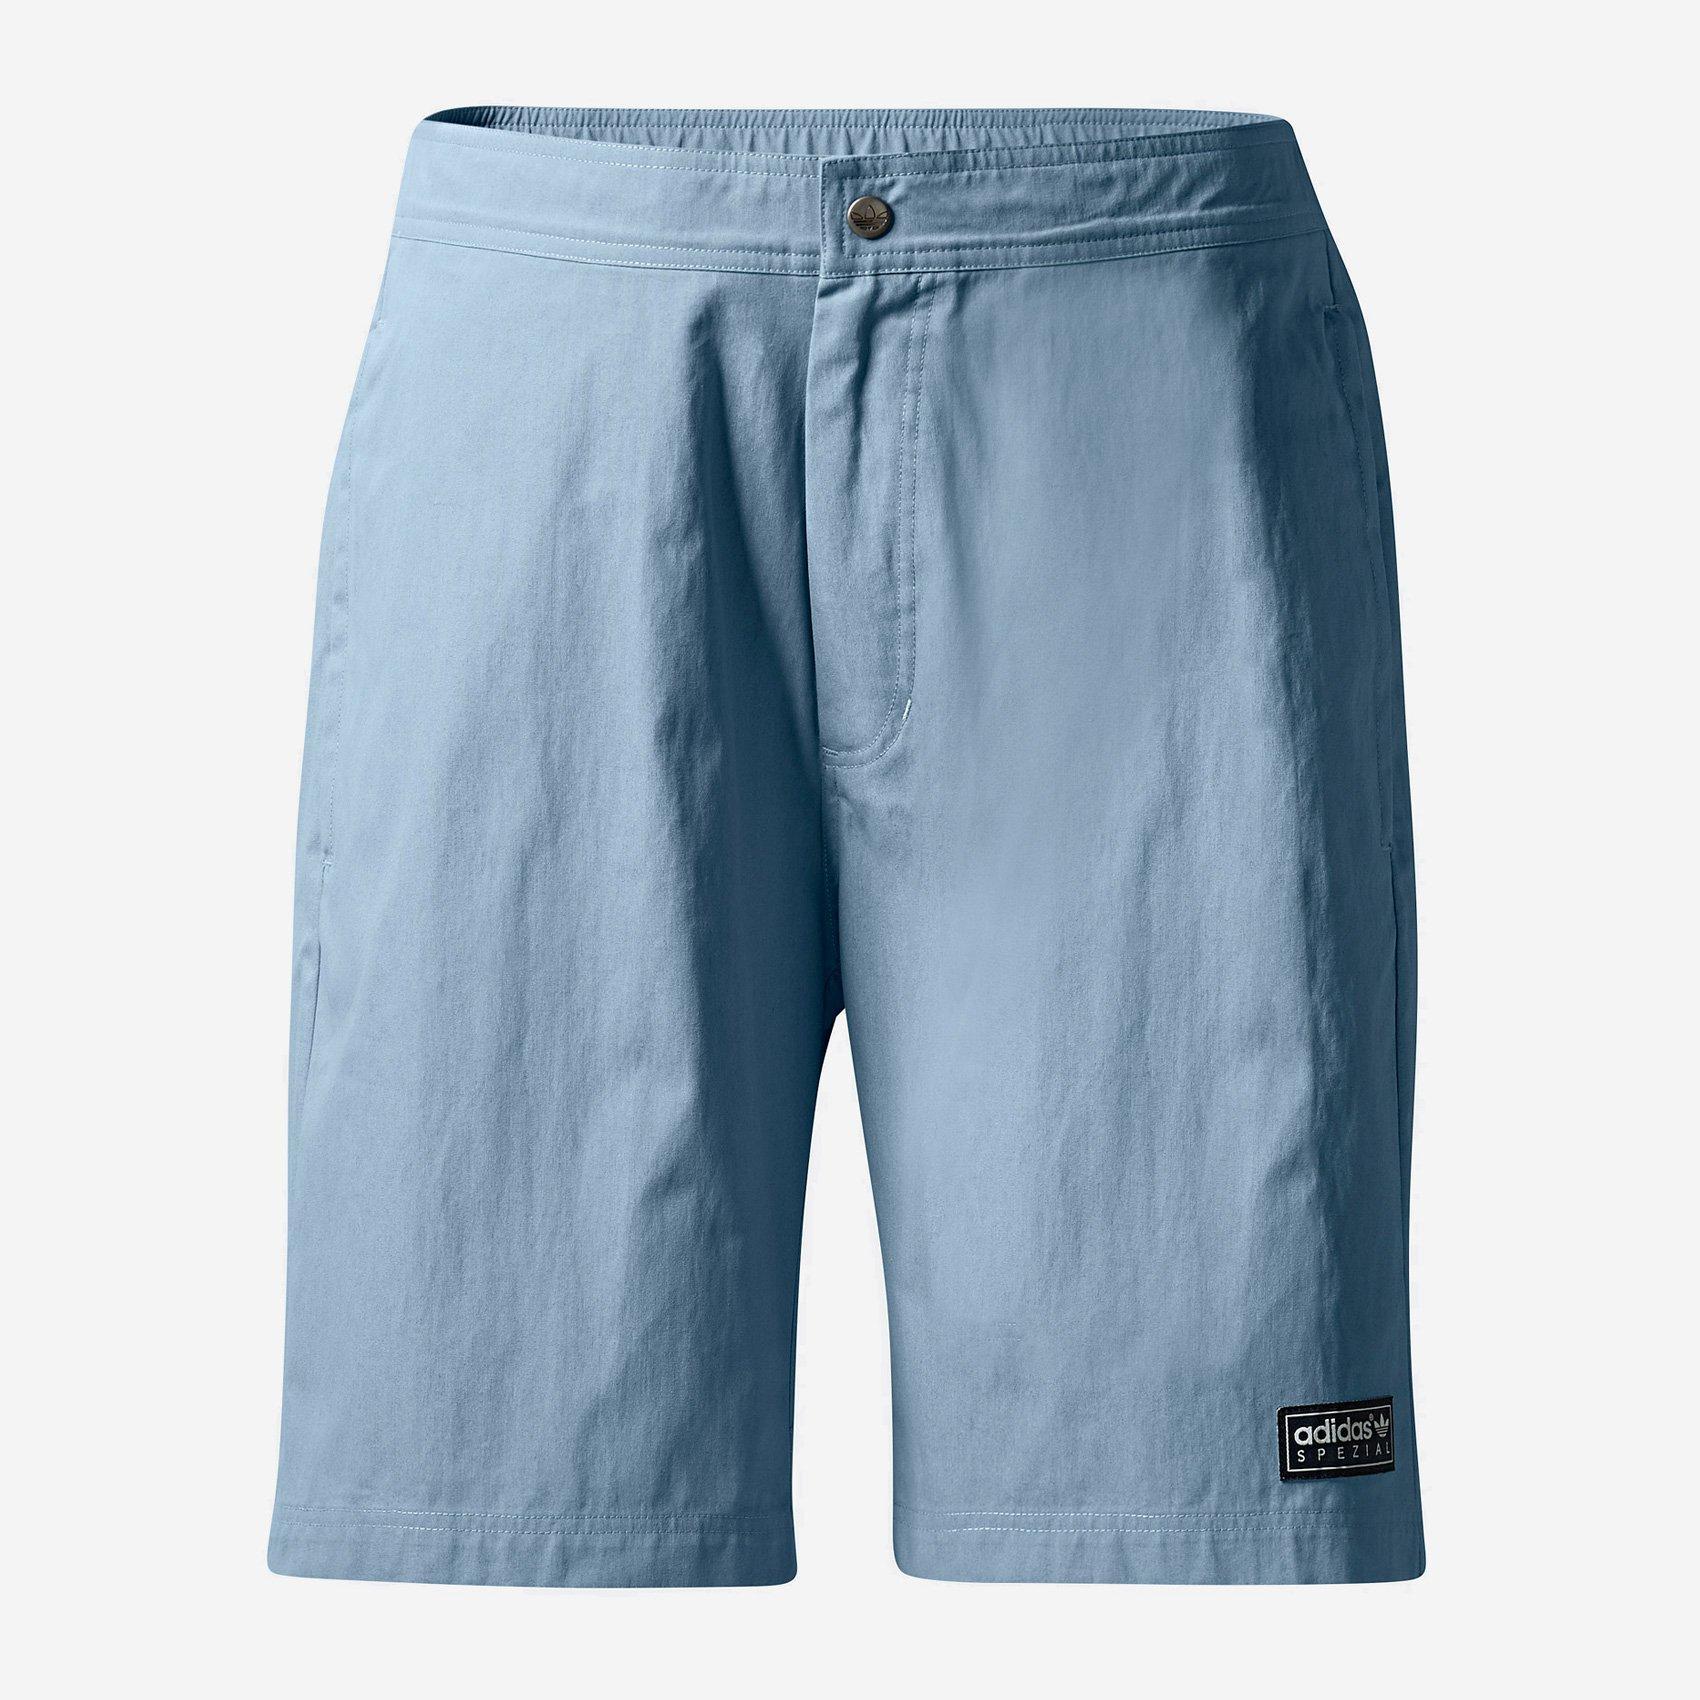 adidas Originals Spezial Horwich Short SPZL